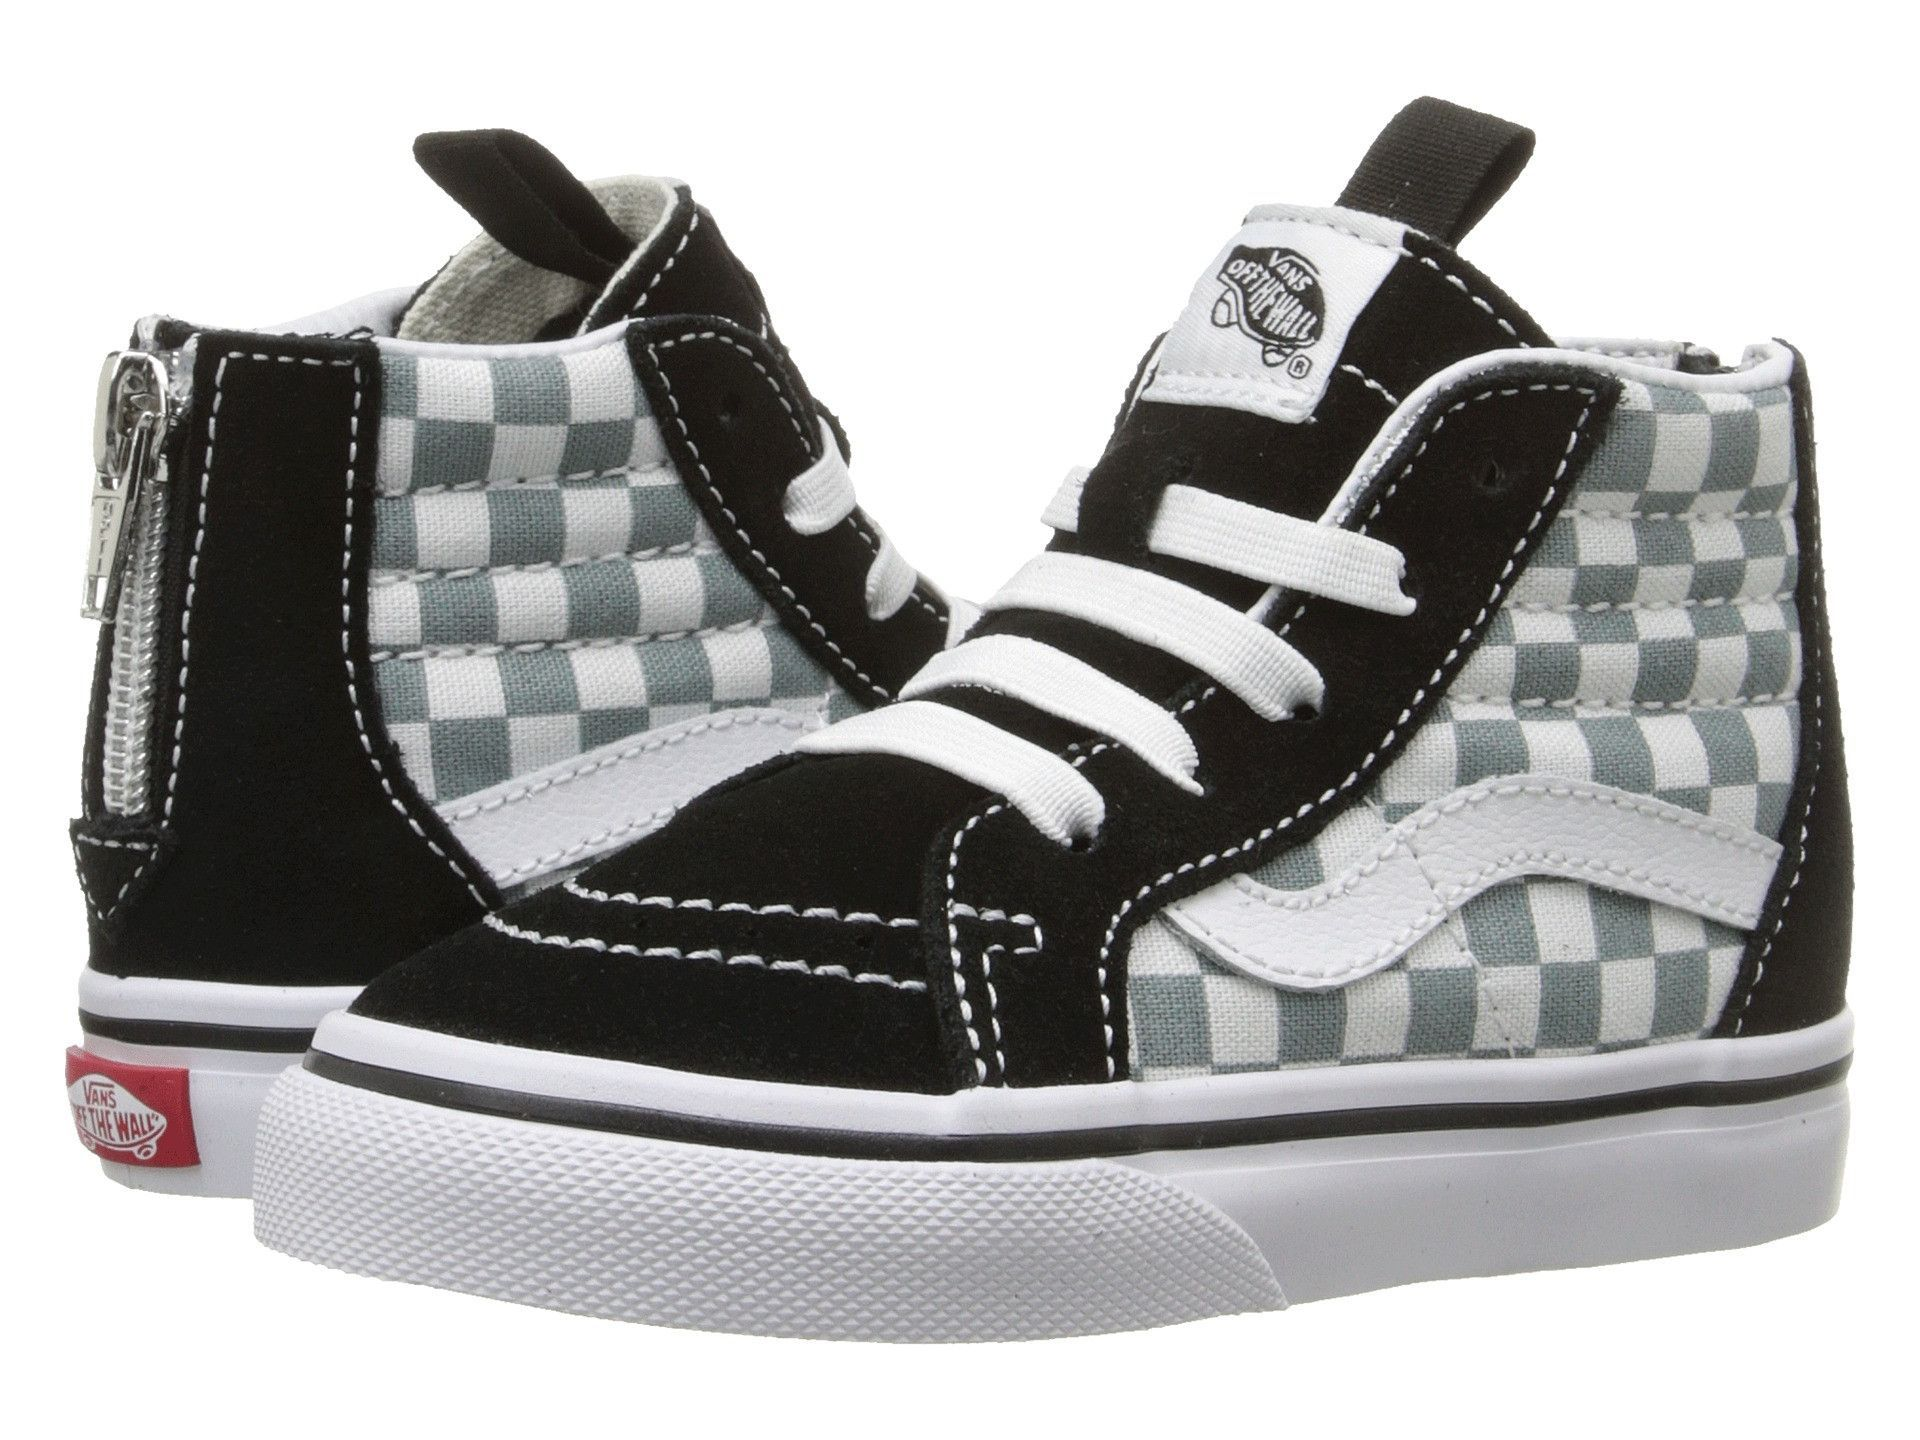 8d714a3c3ea1 VANS Checkerboard Sk8-Hi Zip Toddler